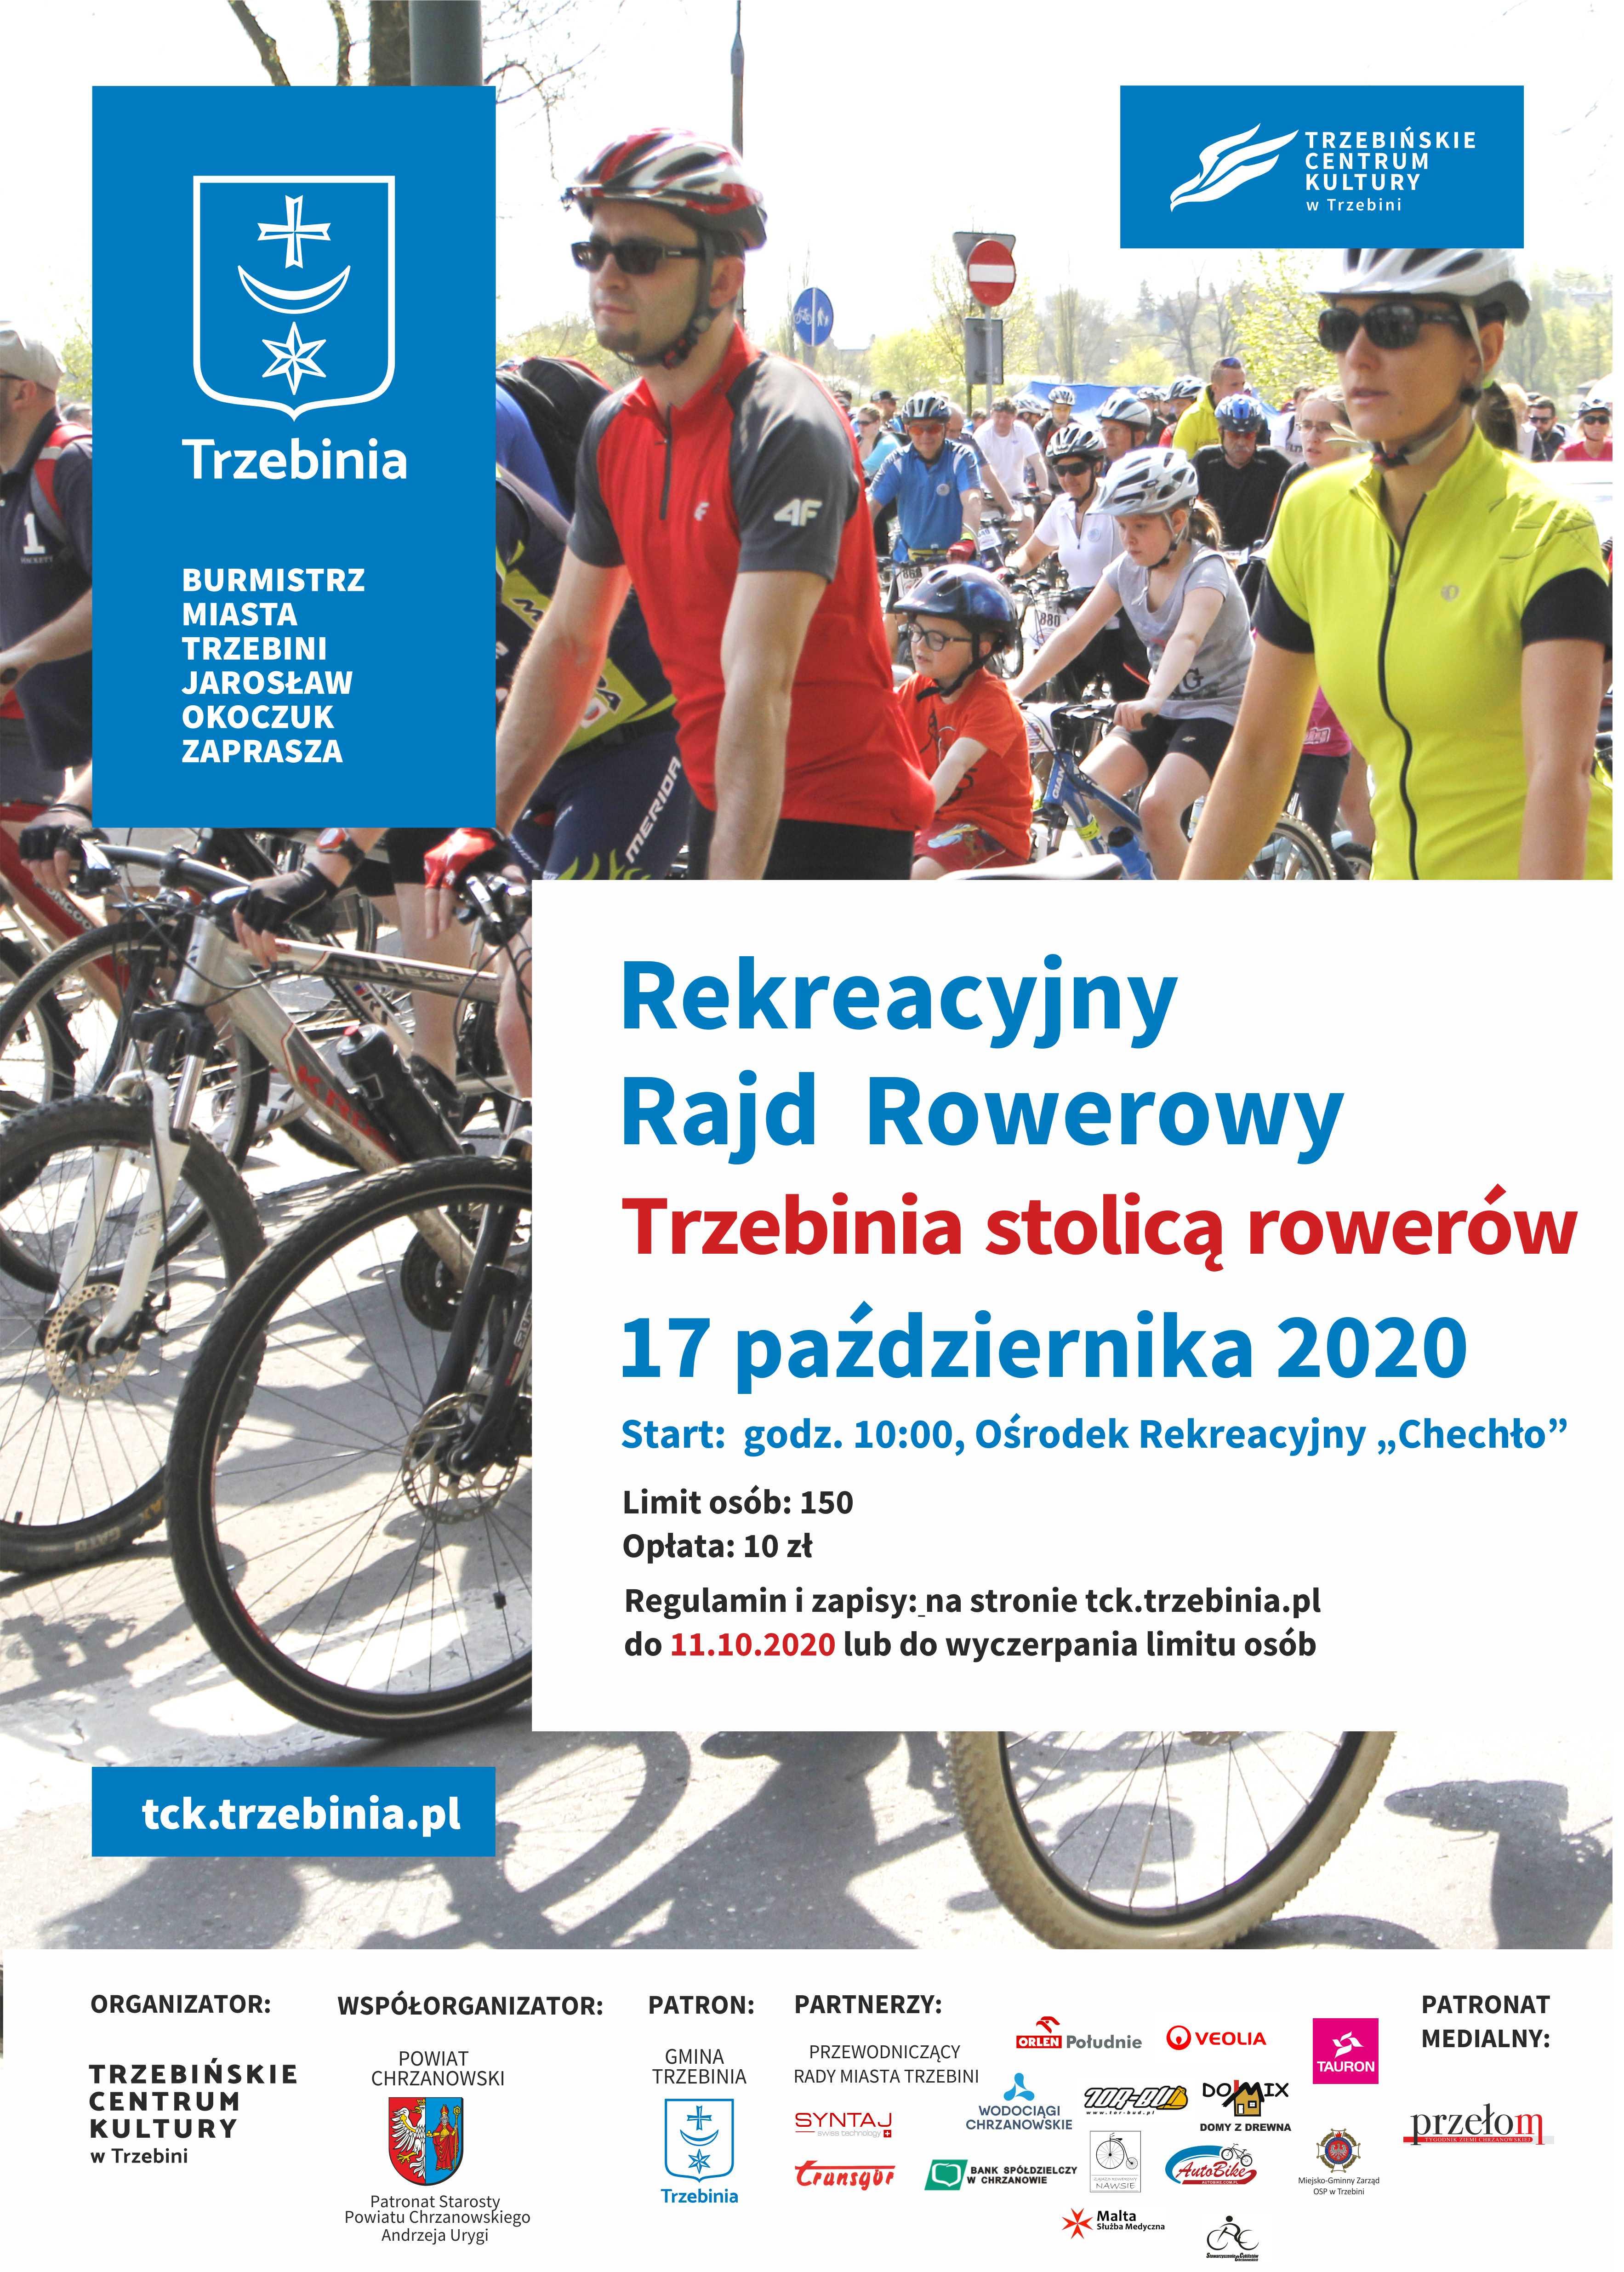 rajd rowerowy 2020